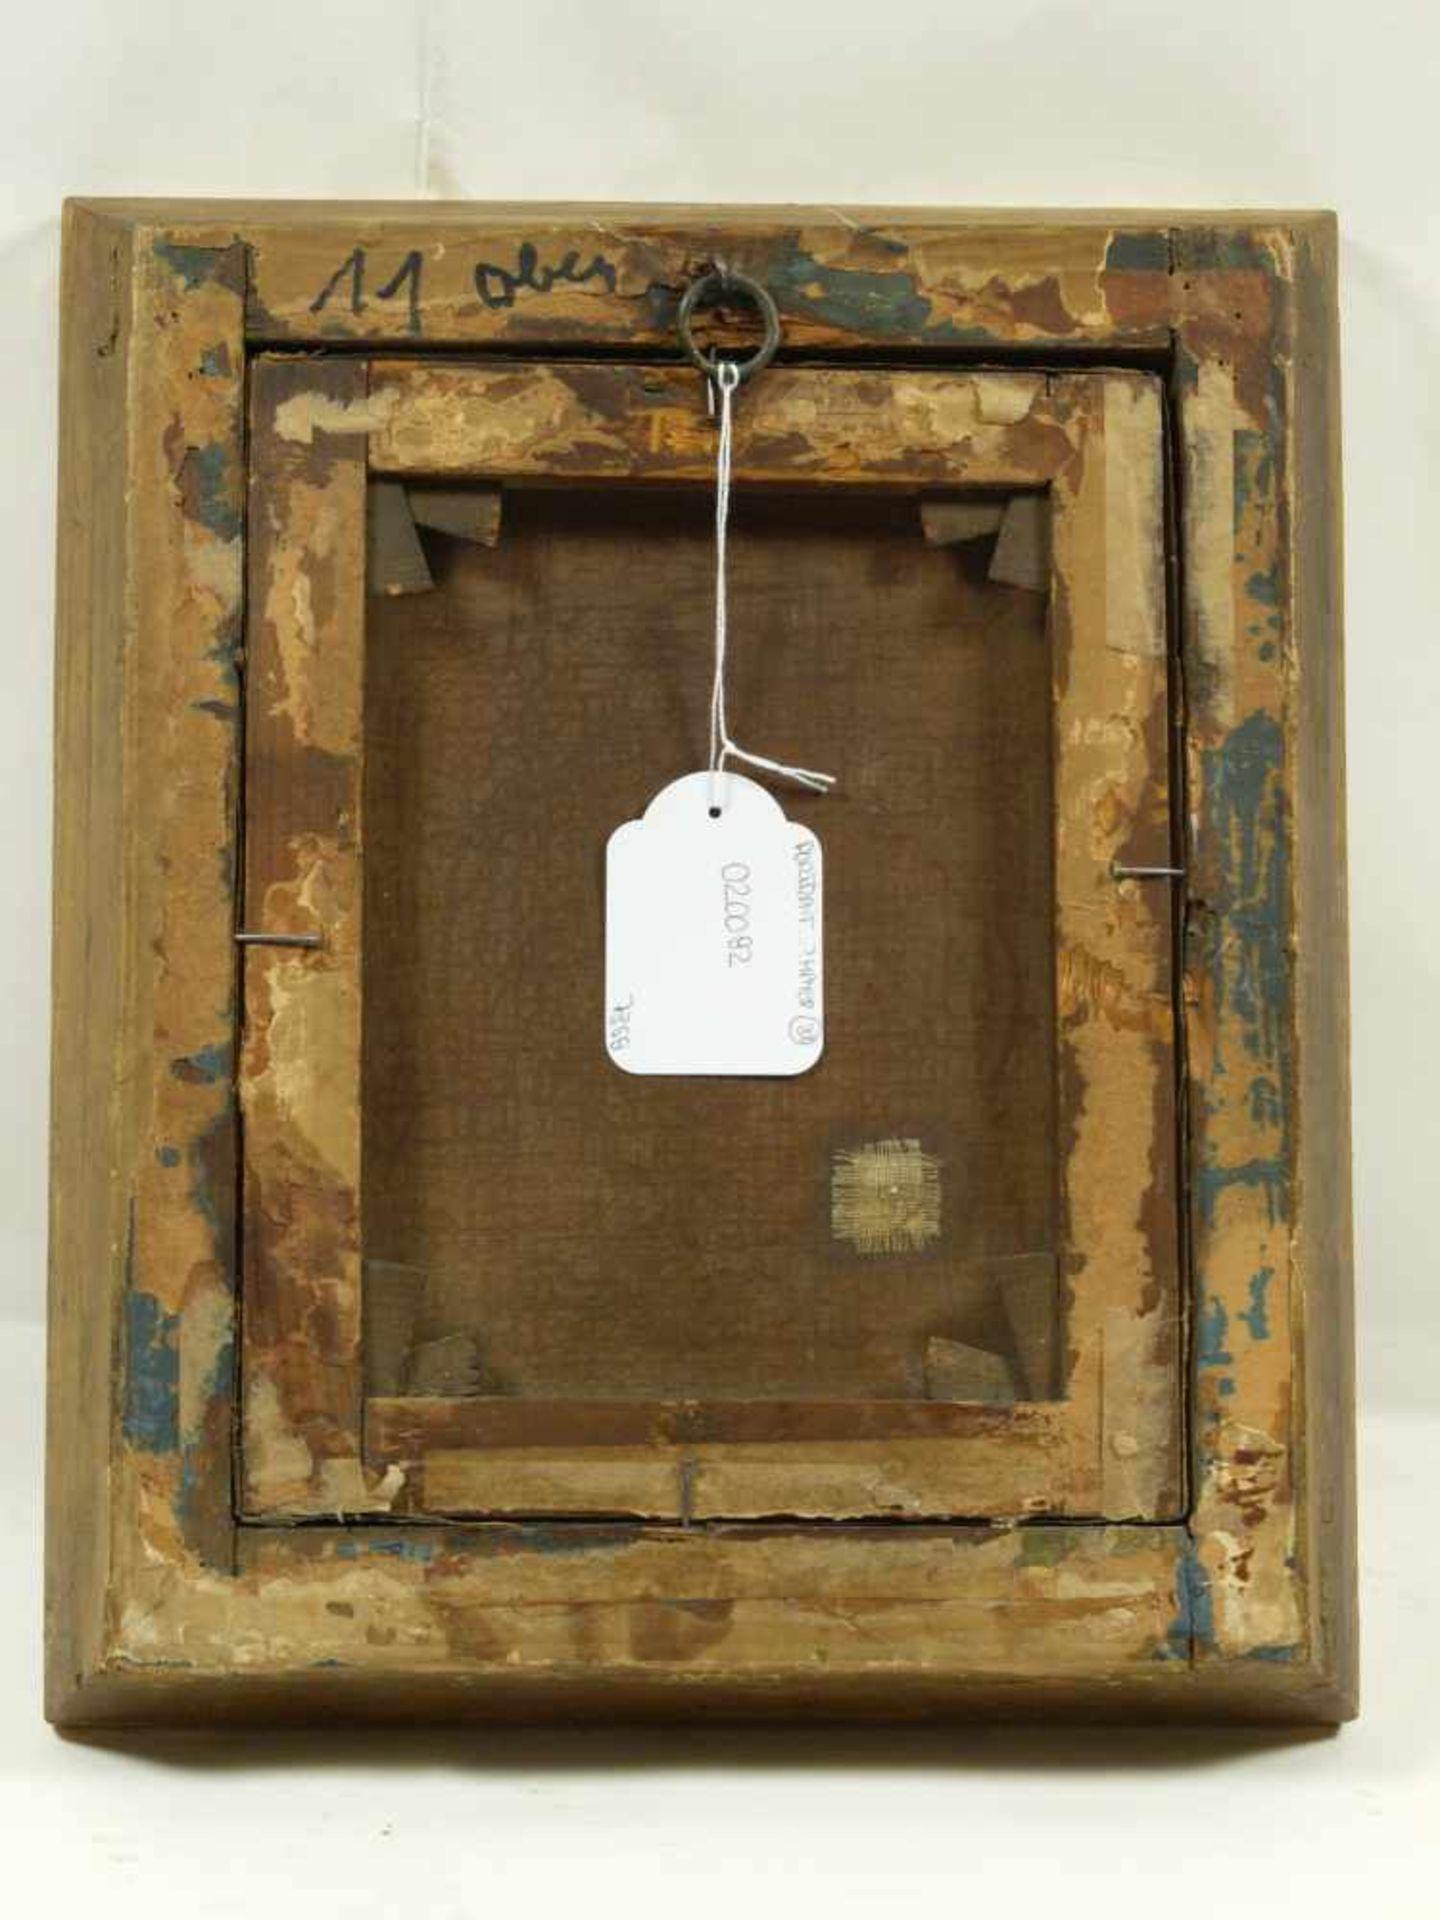 Sig. N. A?mayer - Portrait eines BürgersQualitativ hochwertig ausgeführtes Portait eines auf einen - Bild 7 aus 7